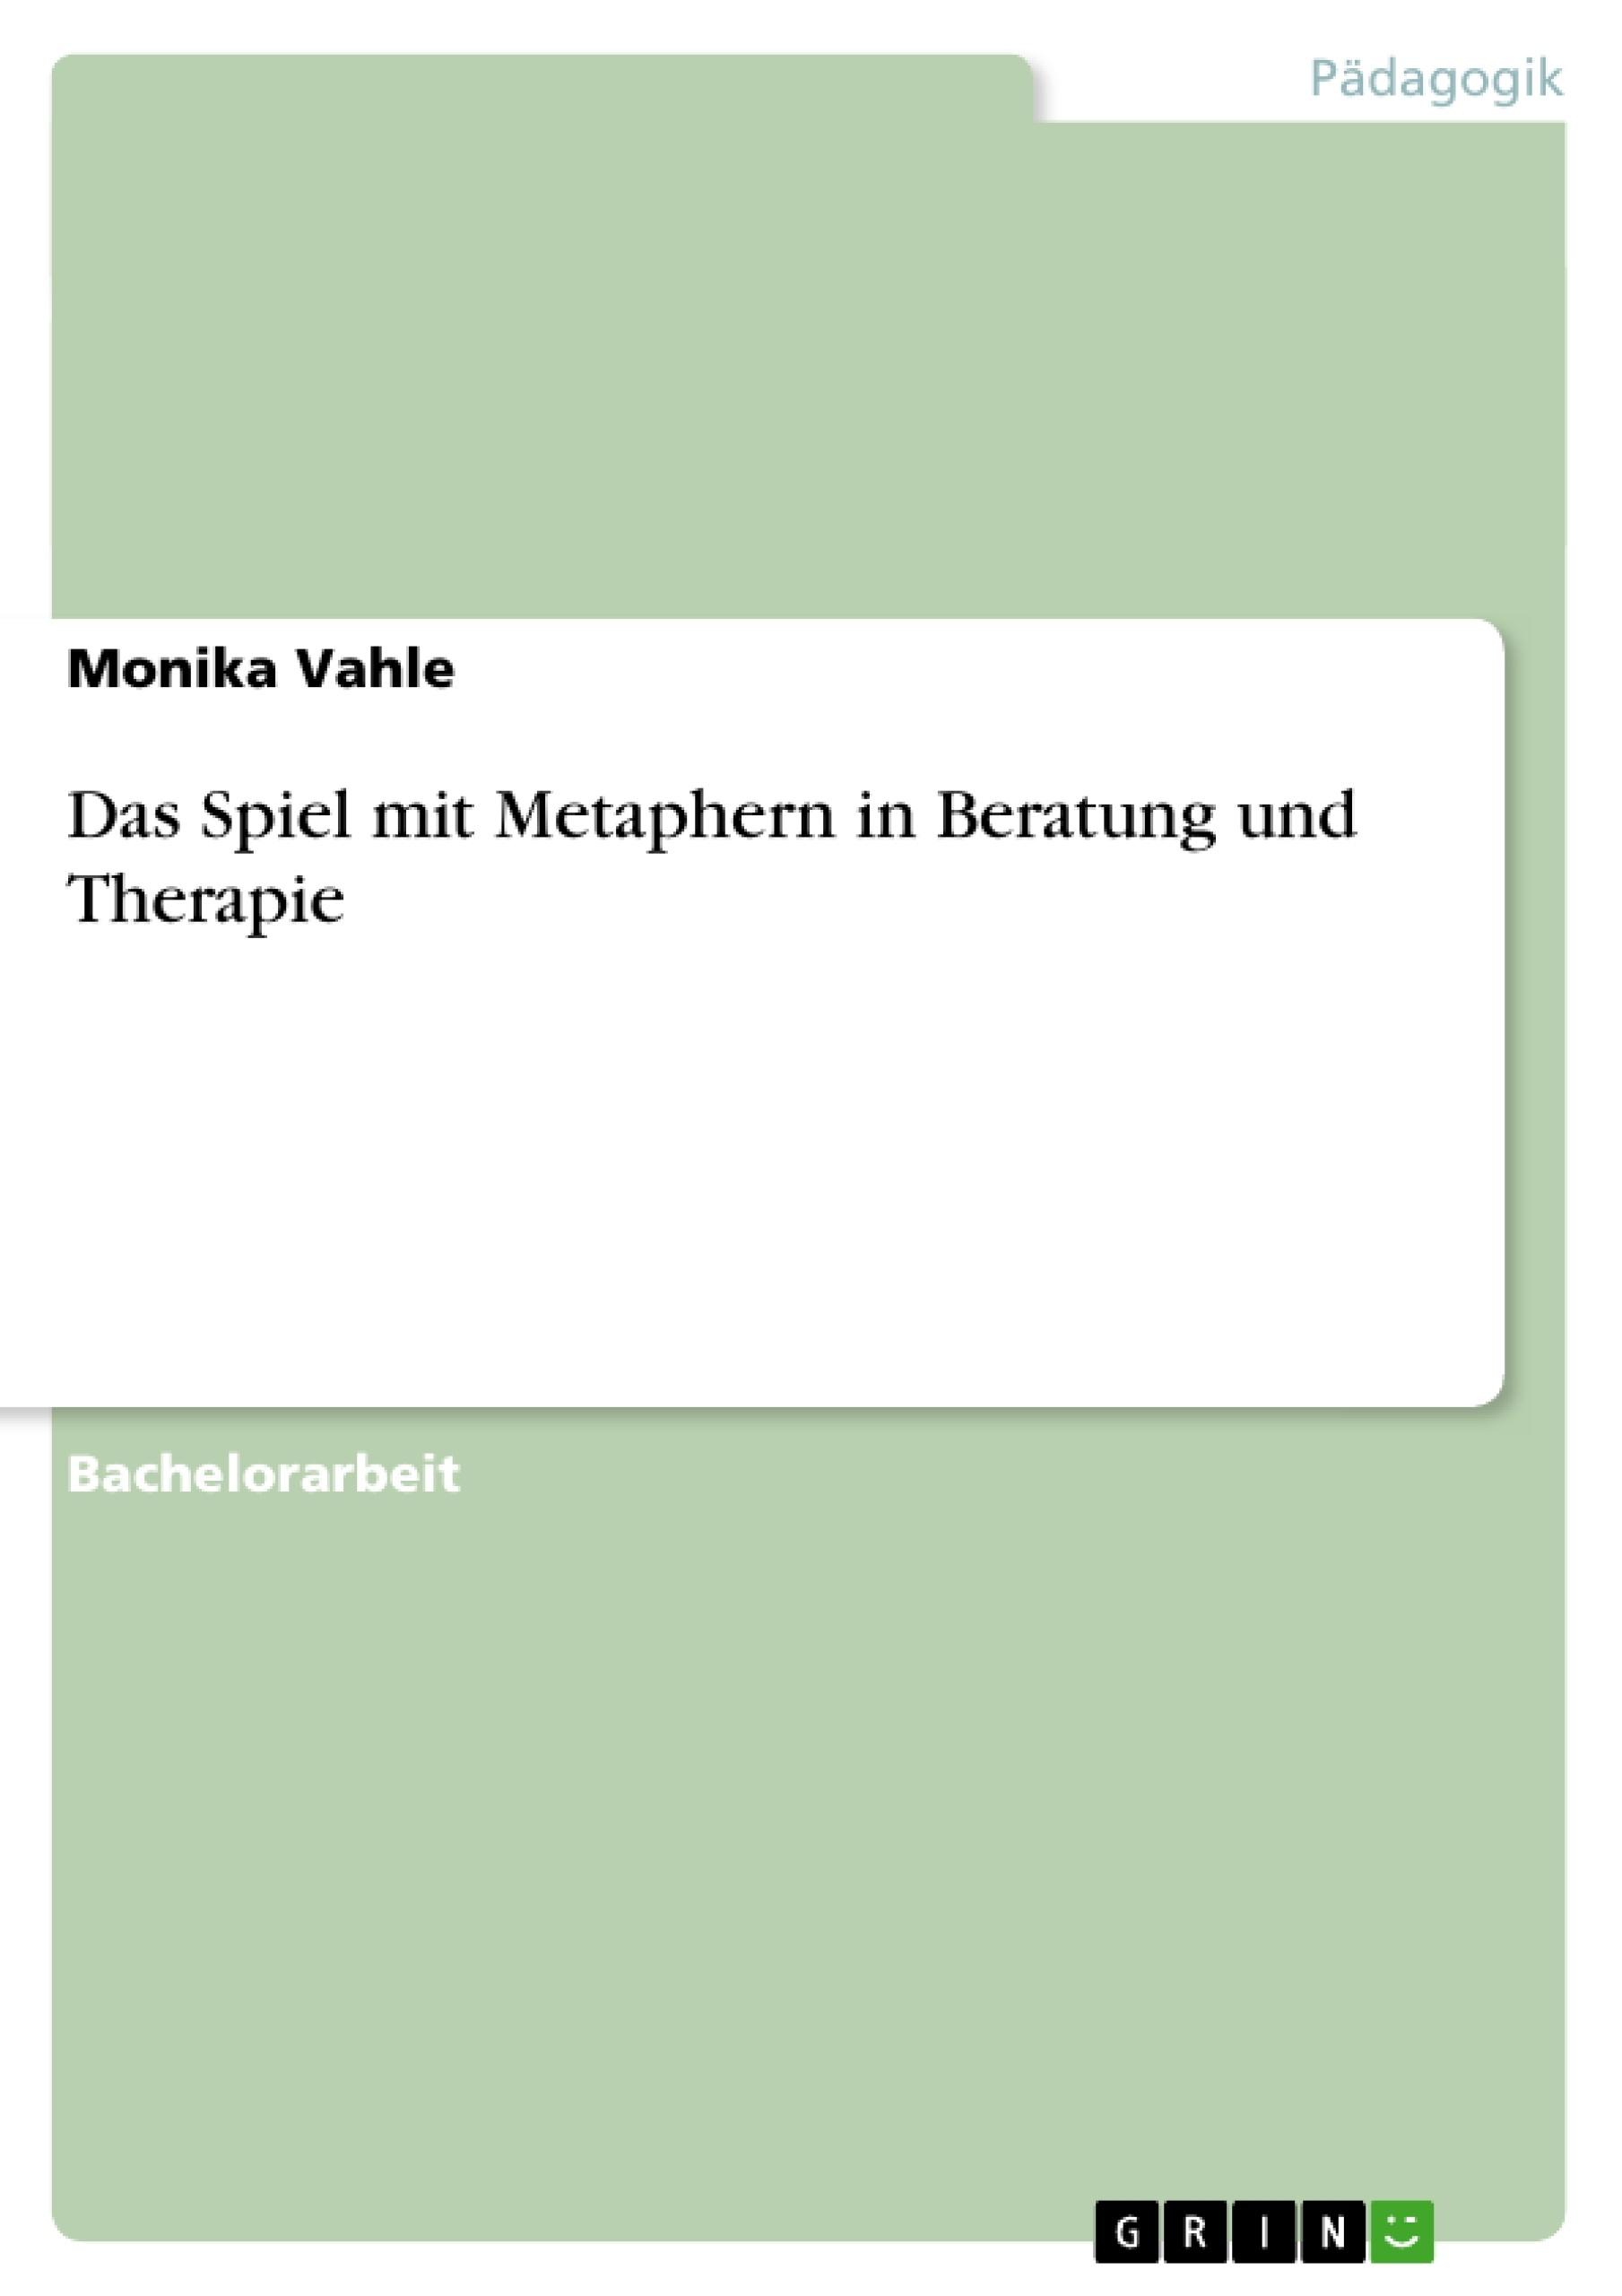 Titel: Das Spiel mit Metaphern in Beratung und Therapie